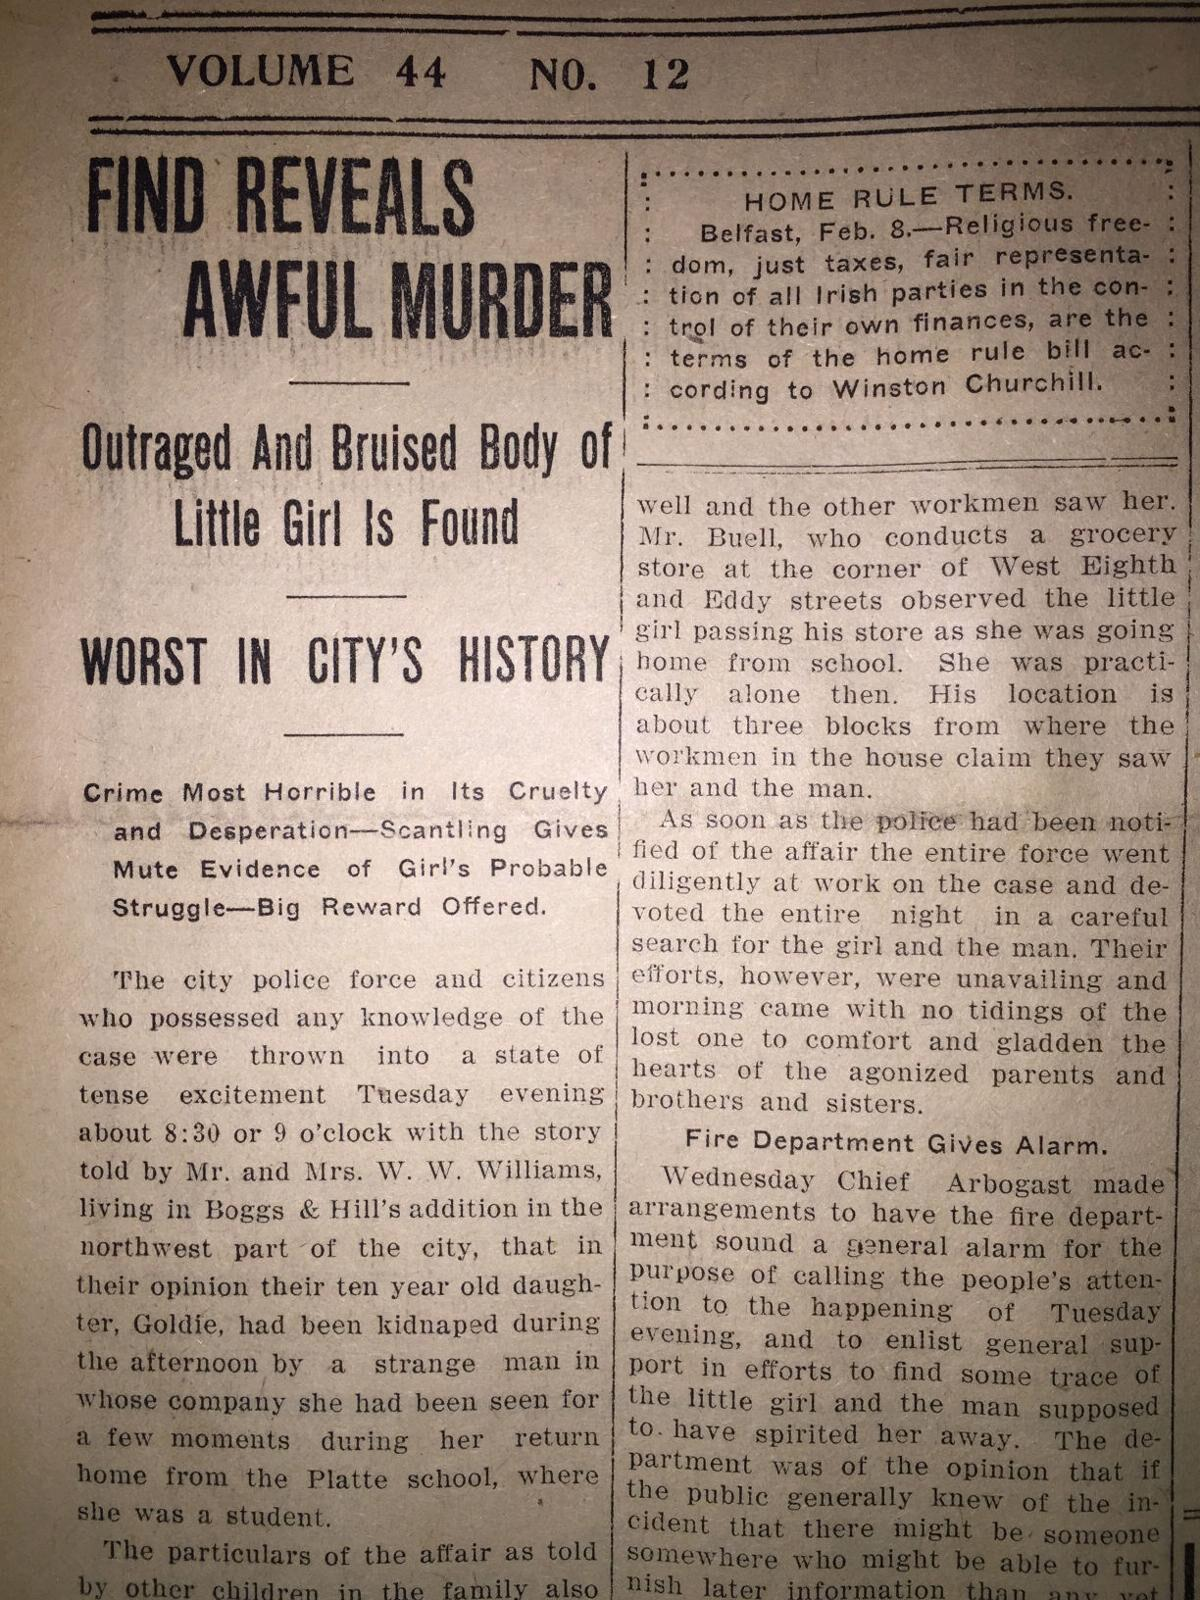 Awful_Murder_Goldie.jpg